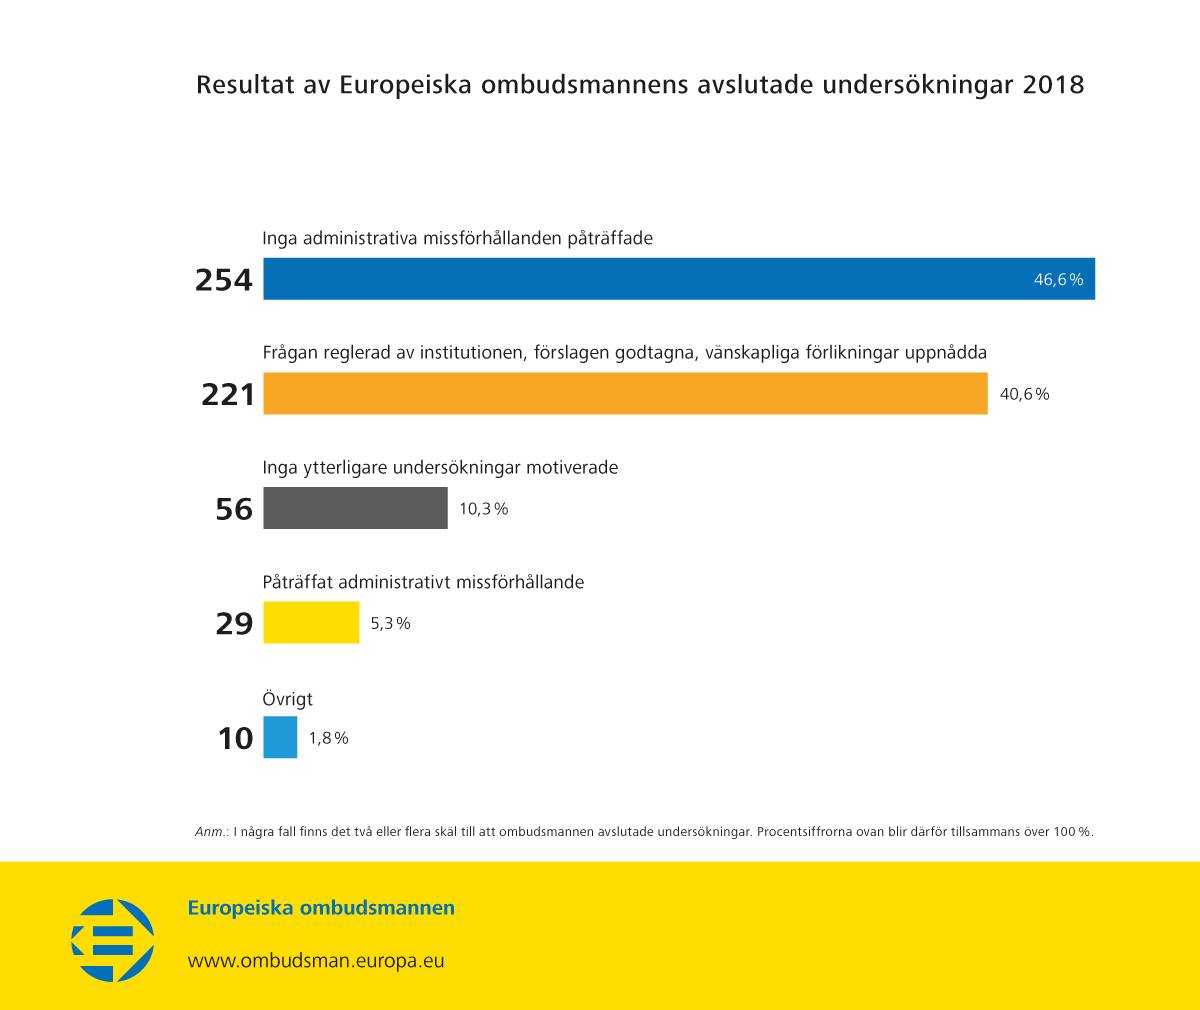 Resultat av Europeiska ombudsmannens avslutade undersökningar 2018